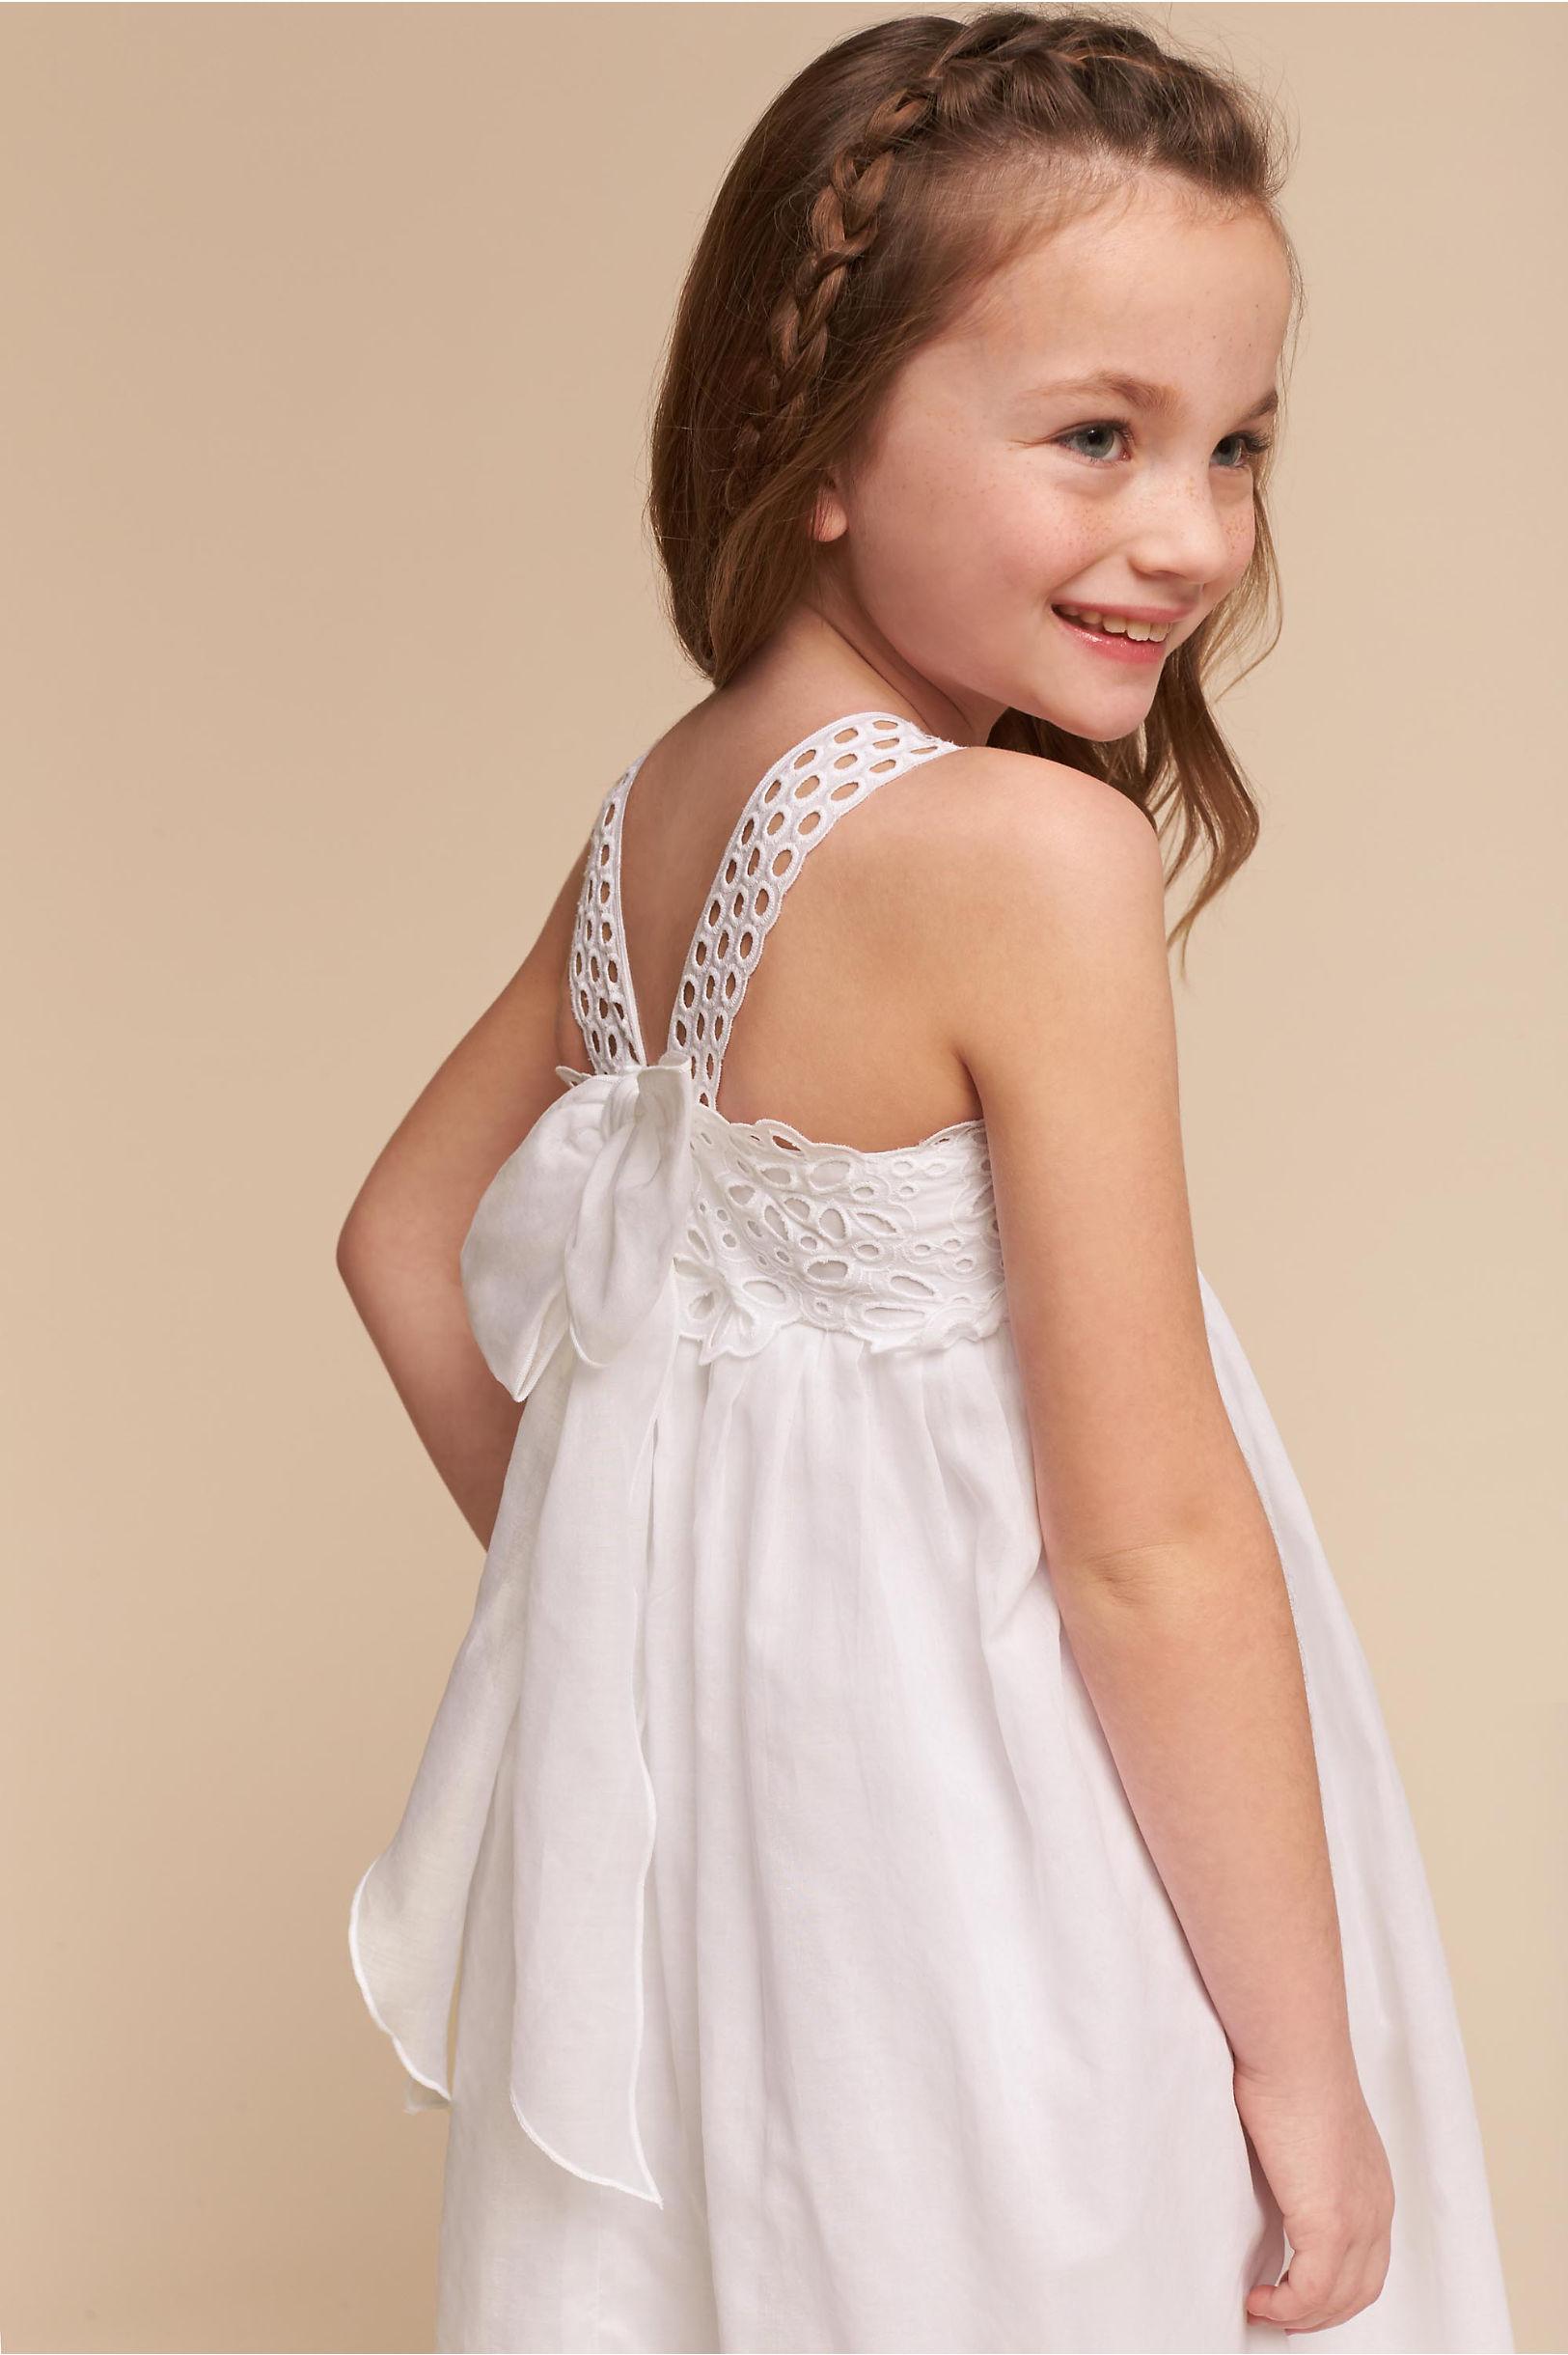 Flower Girl Dresses - Ivory &amp- White Flower Girls&-39- Dresses - BHLDN